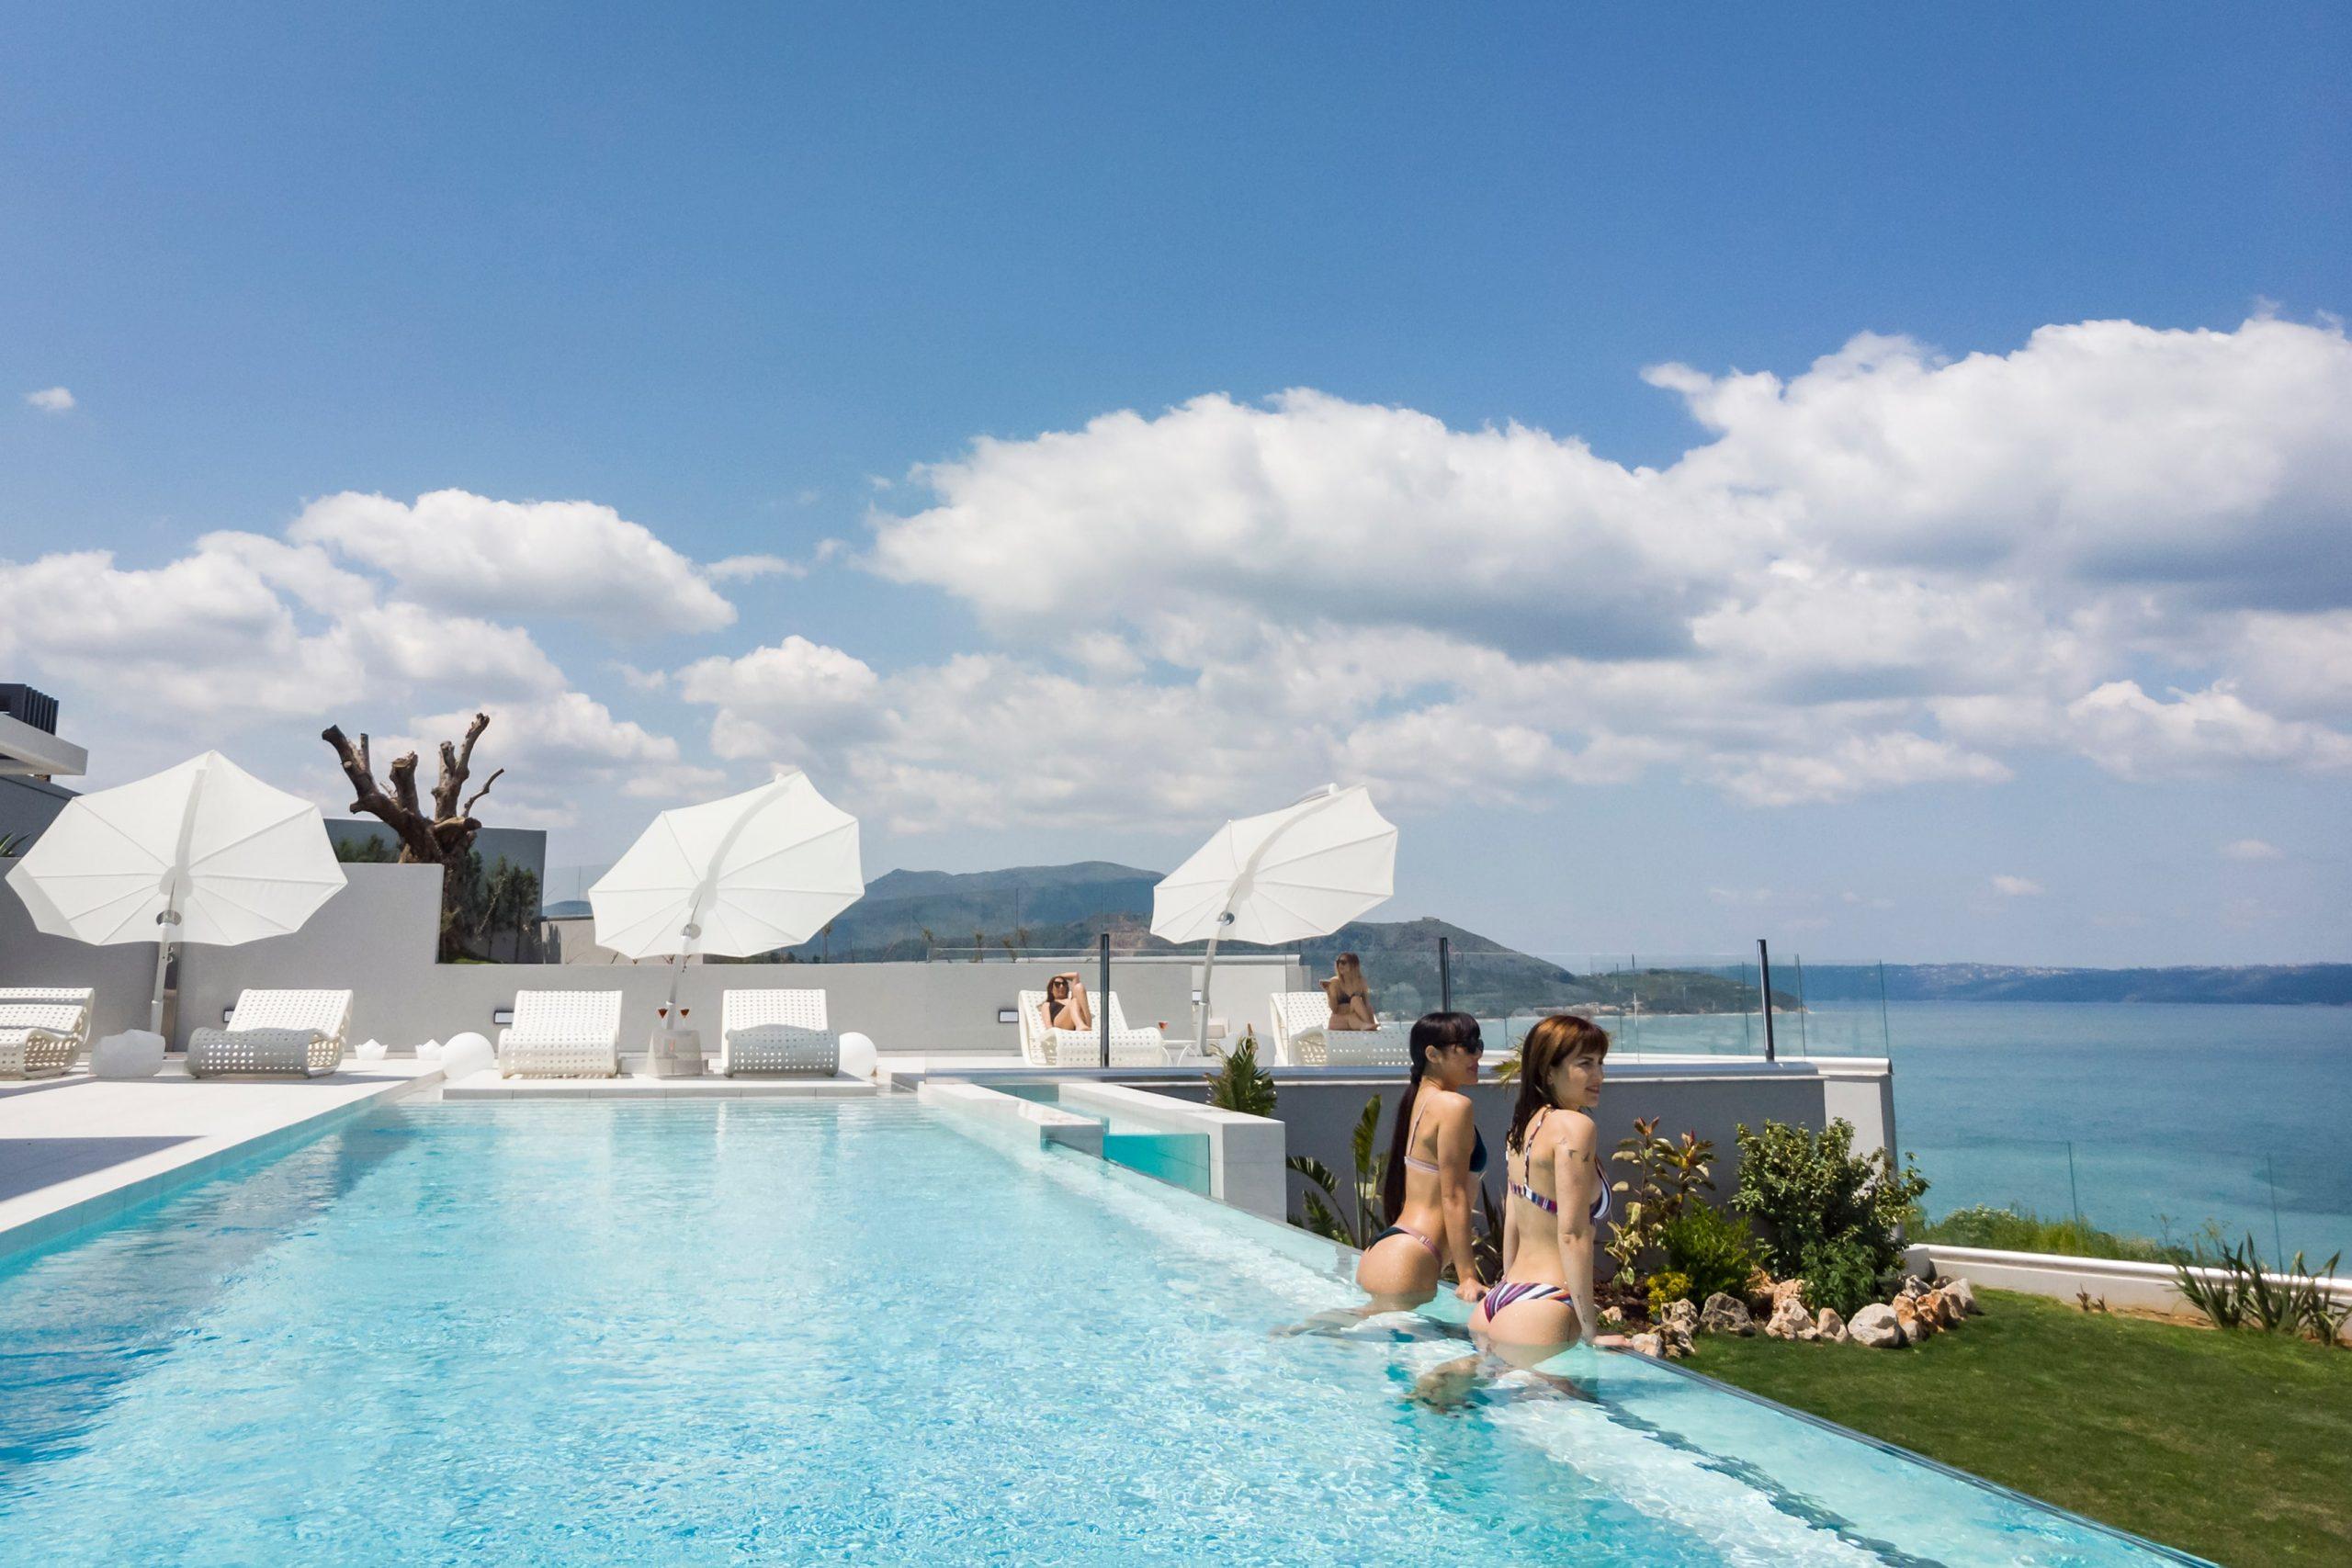 Villas in Crete with sea view- Kyriakidis Construction Company